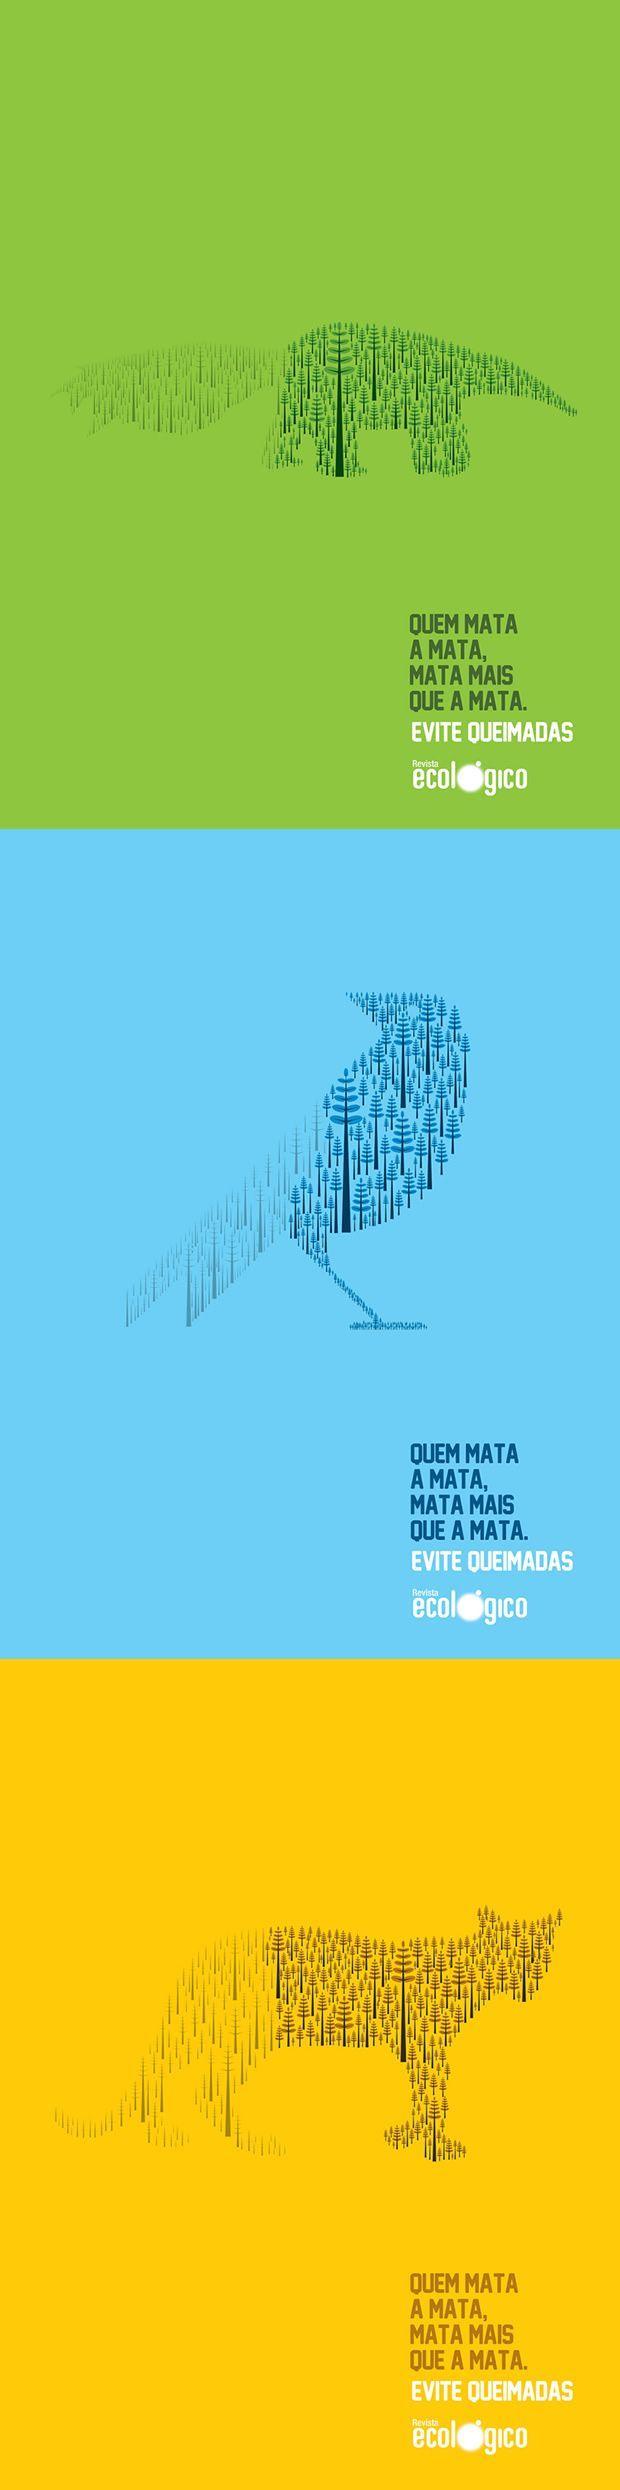 """""""Quem mata a mata ... mata mais que a mata"""" against deforestation in Brazil"""